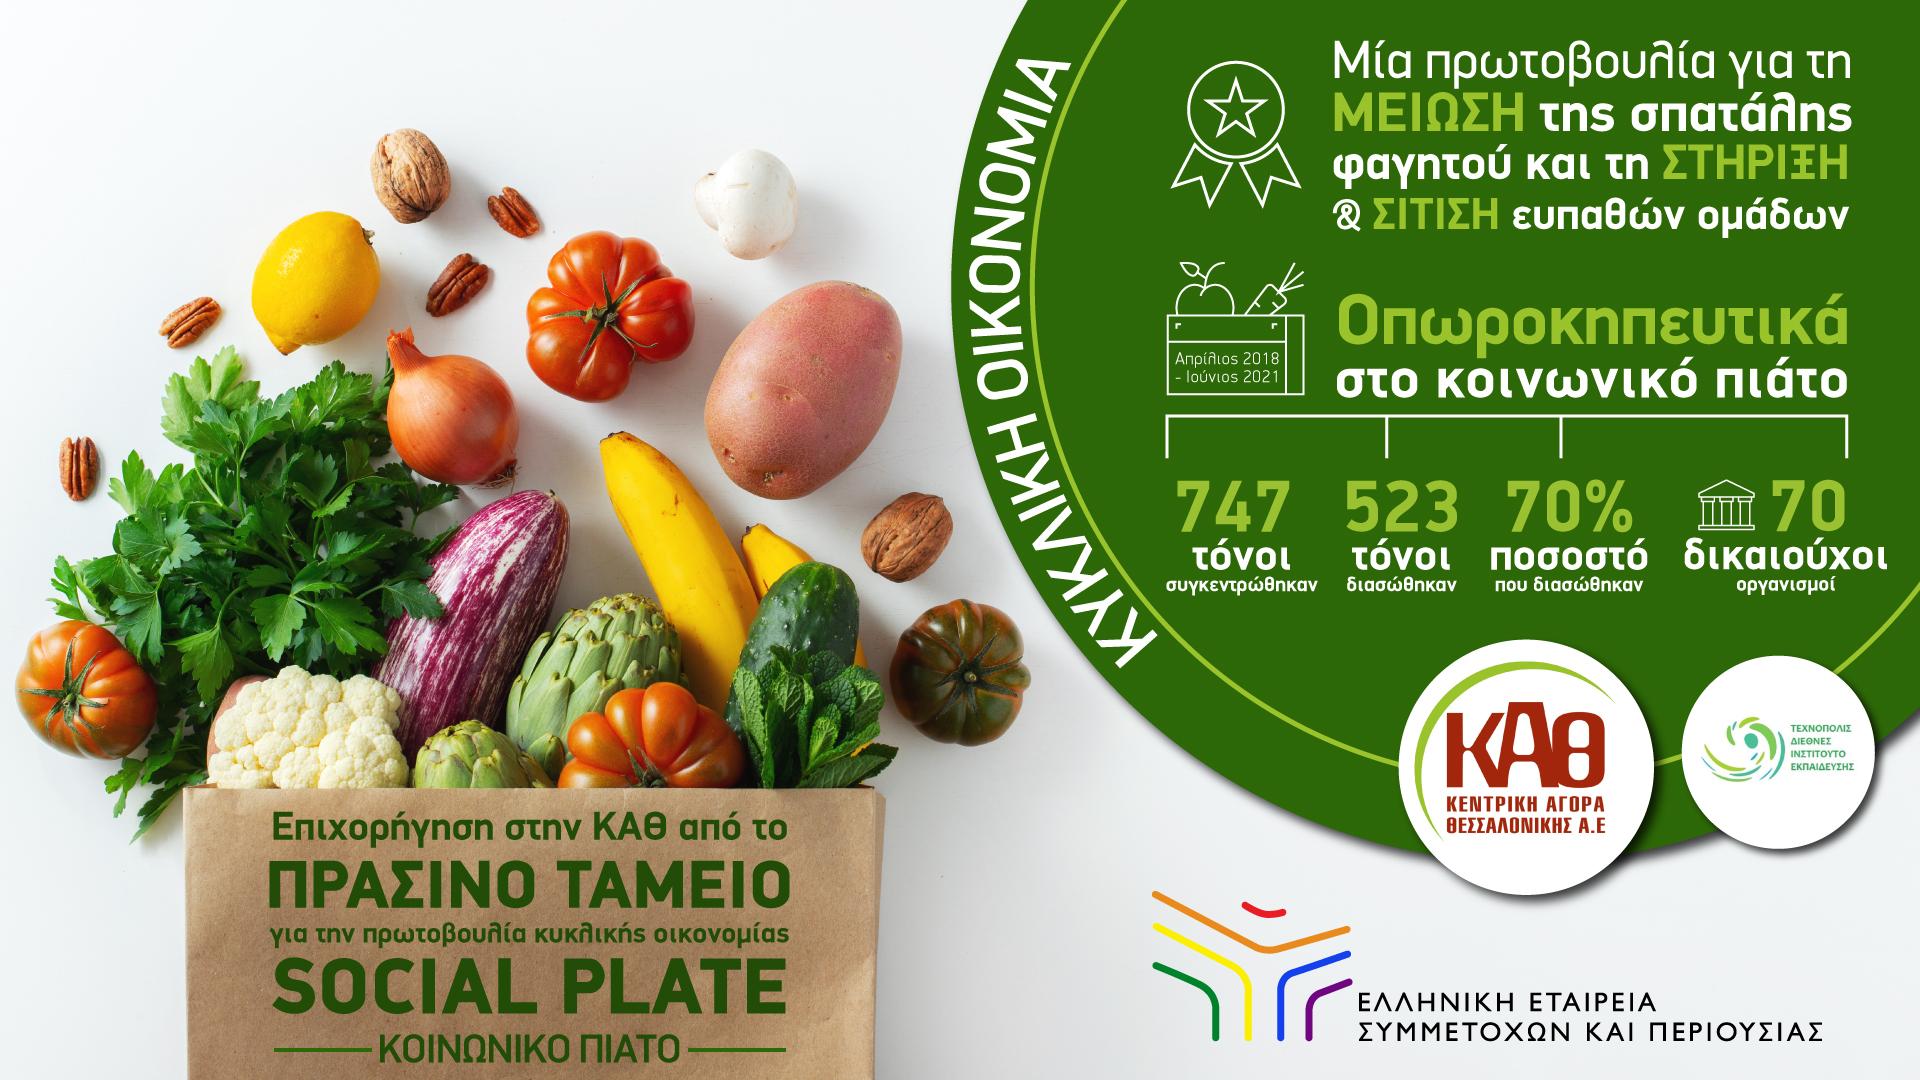 Υπερταμείο: Έλαβε επιχορήγηση για την πρωτοβουλία «Κοινωνικό Πιάτο» της Κεντρικής Αγοράς Θεσσαλονίκης